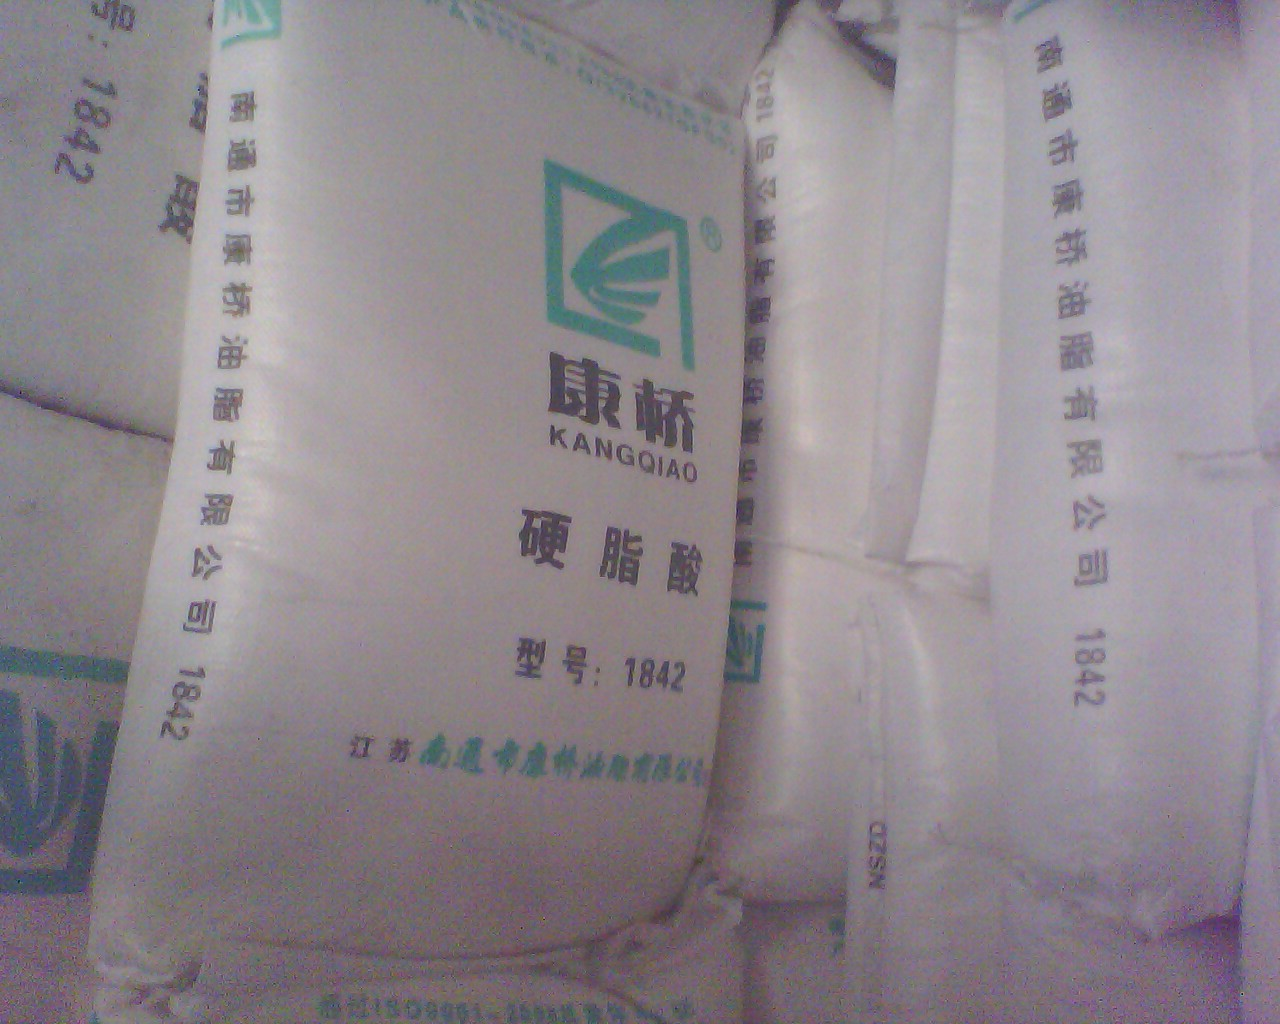 河南硬脂酸总代理 郑州硬脂酸 康桥硬脂酸1842